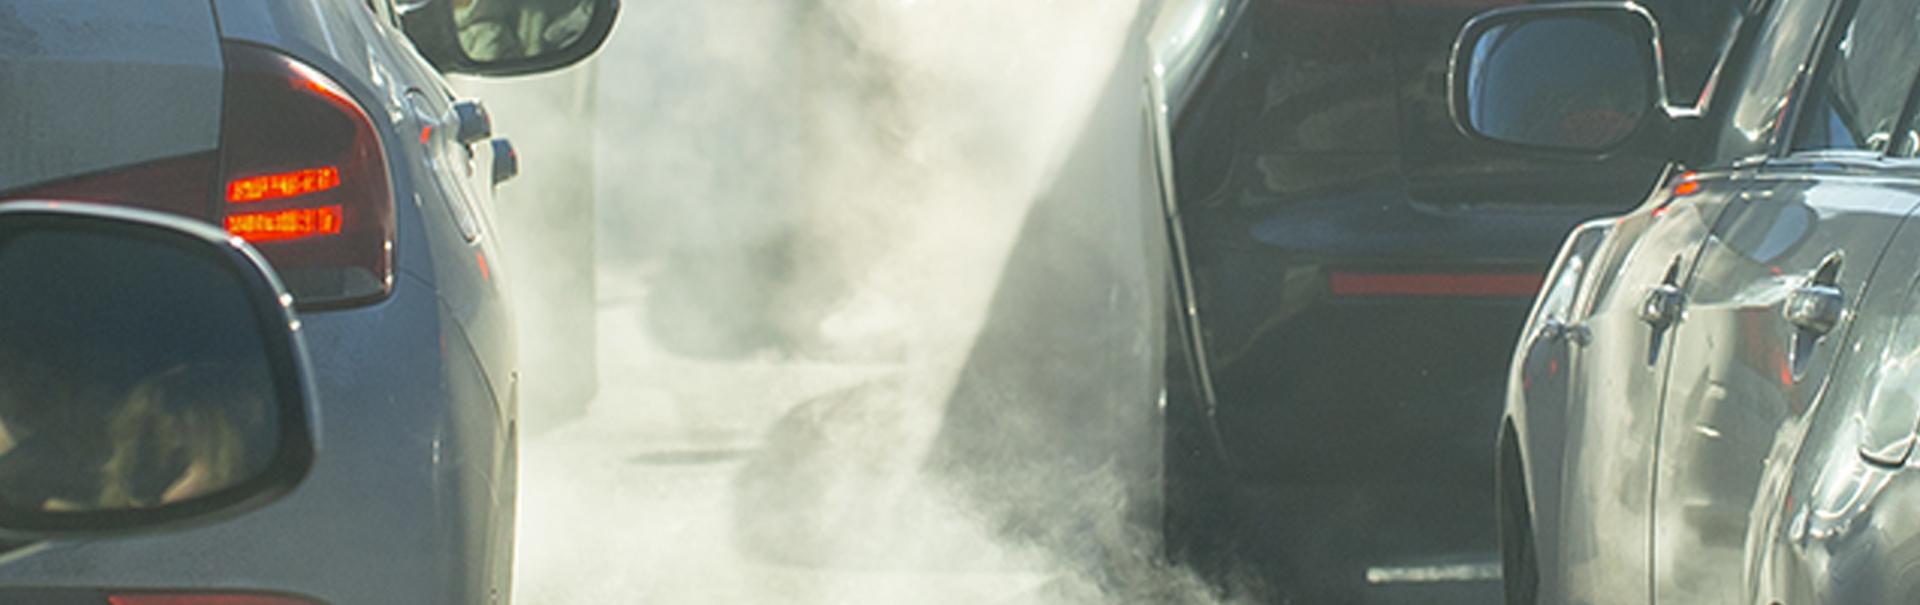 OLG Hamm bestätigt sittenwidrige Schädigung wegen einer unzulässigen Abschalteinrichtung